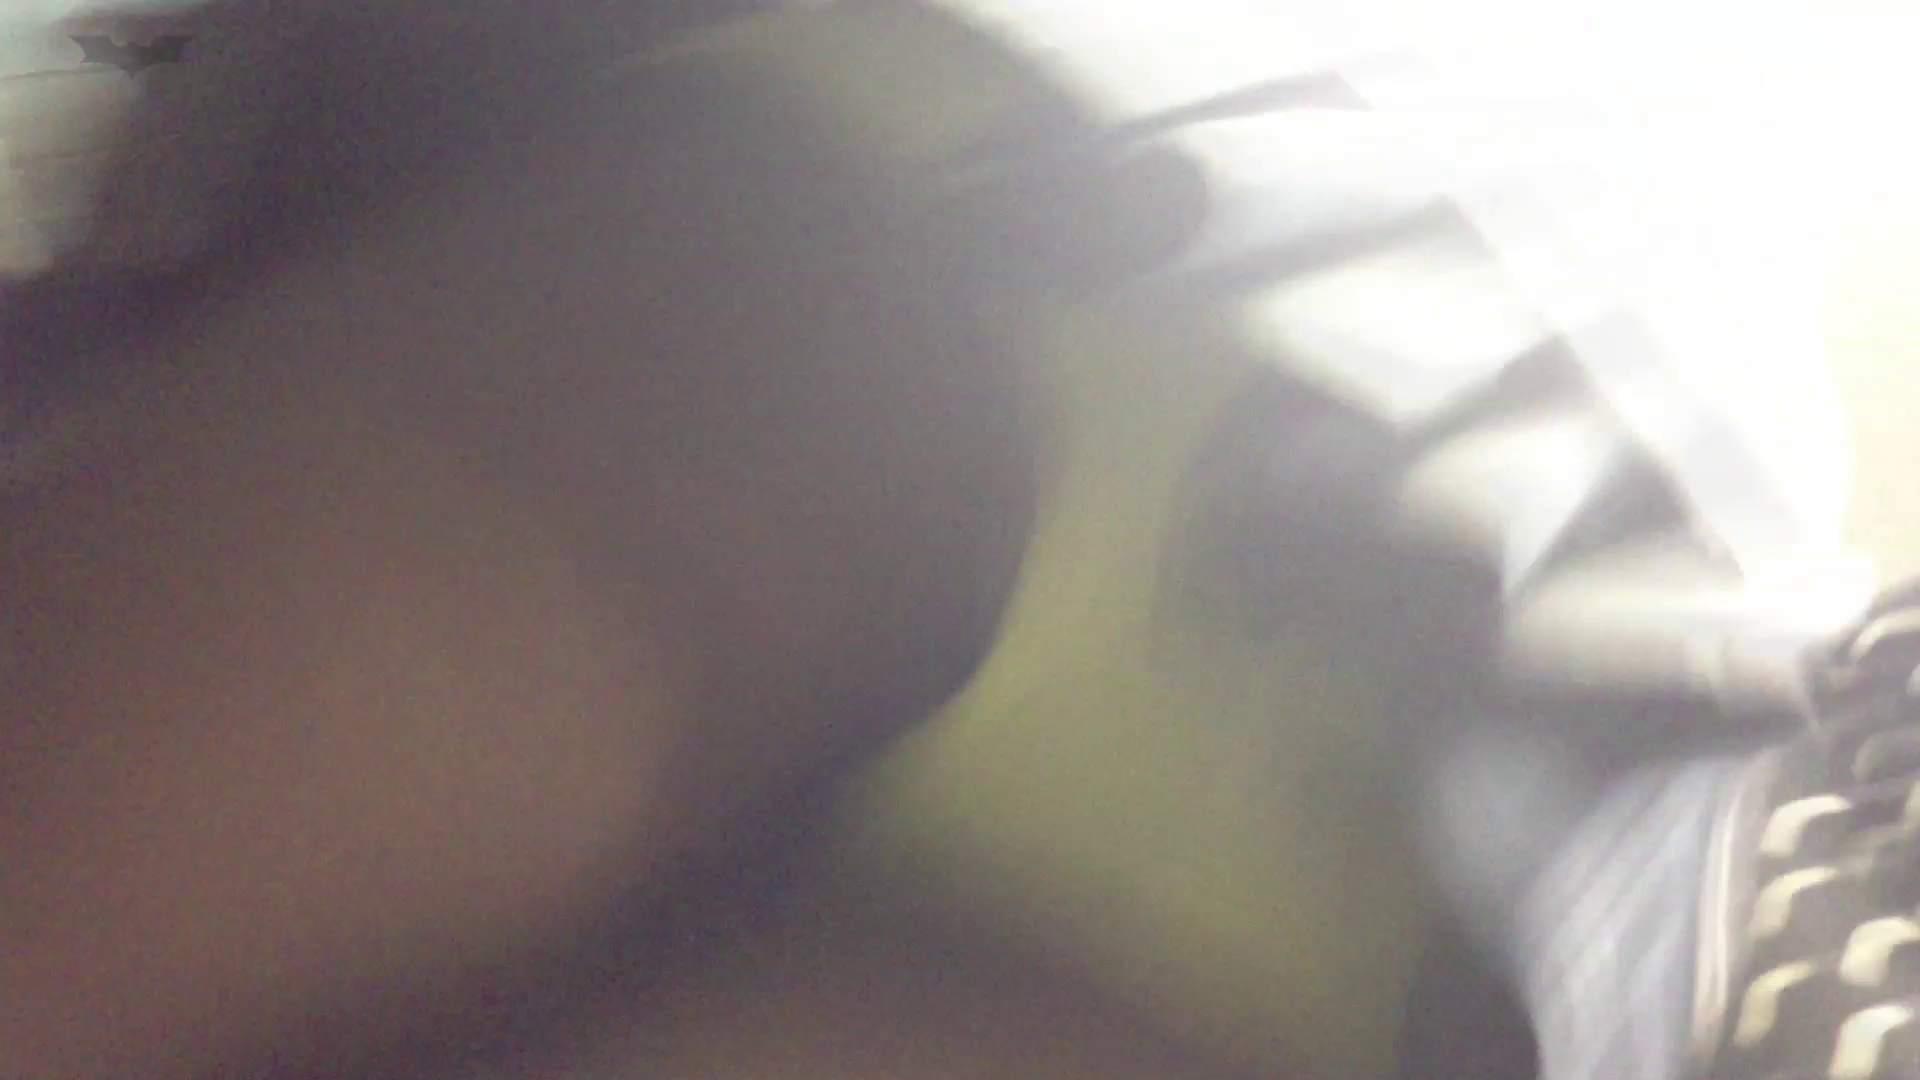 階段パンチラ Vol.04 パンツ | パンチラ  75連発 49